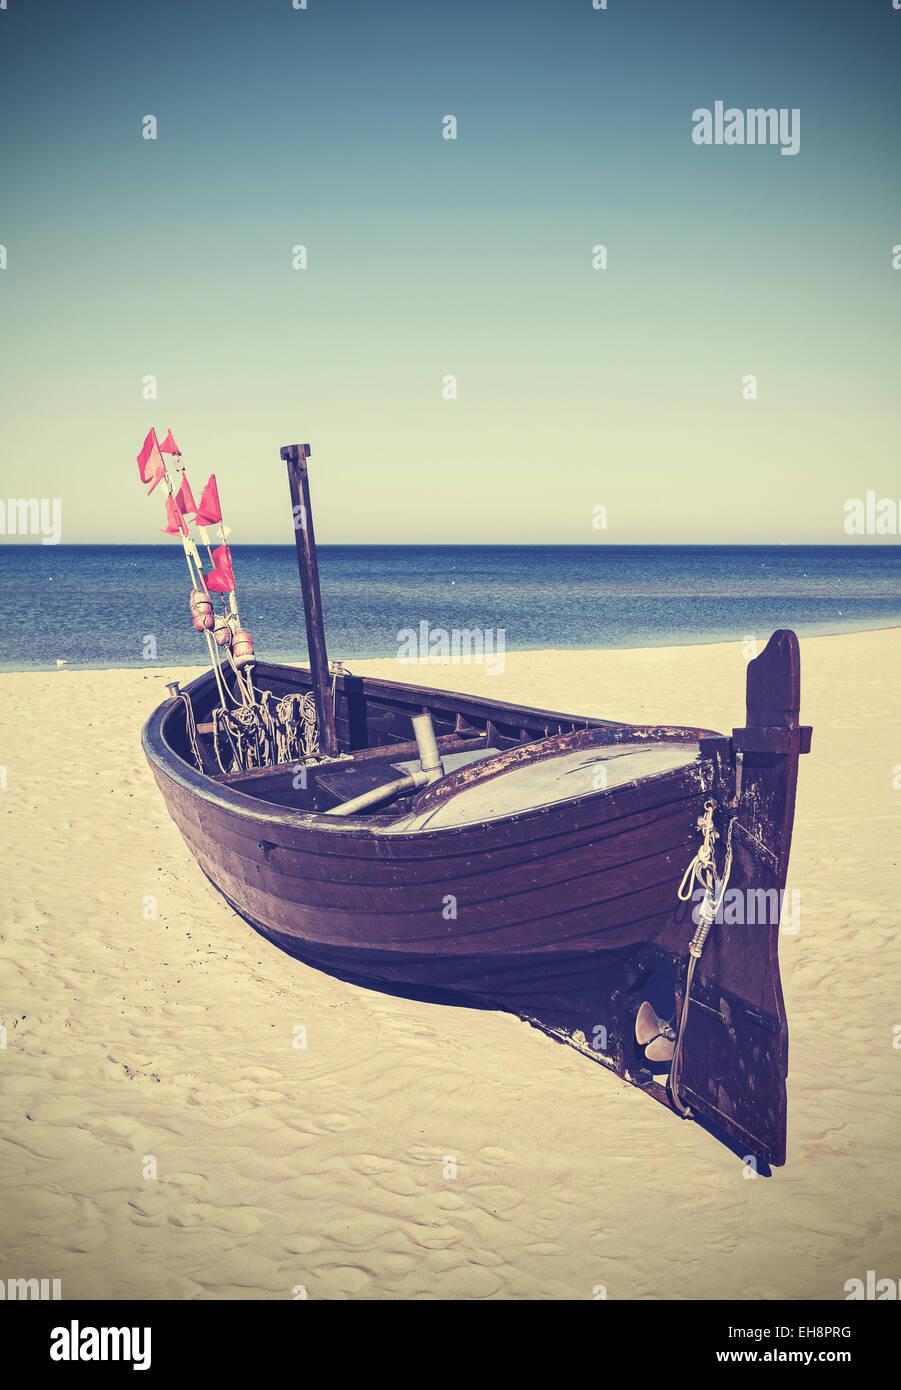 Retrò immagine filtrata della barca da pesca sulla spiaggia. Immagini Stock